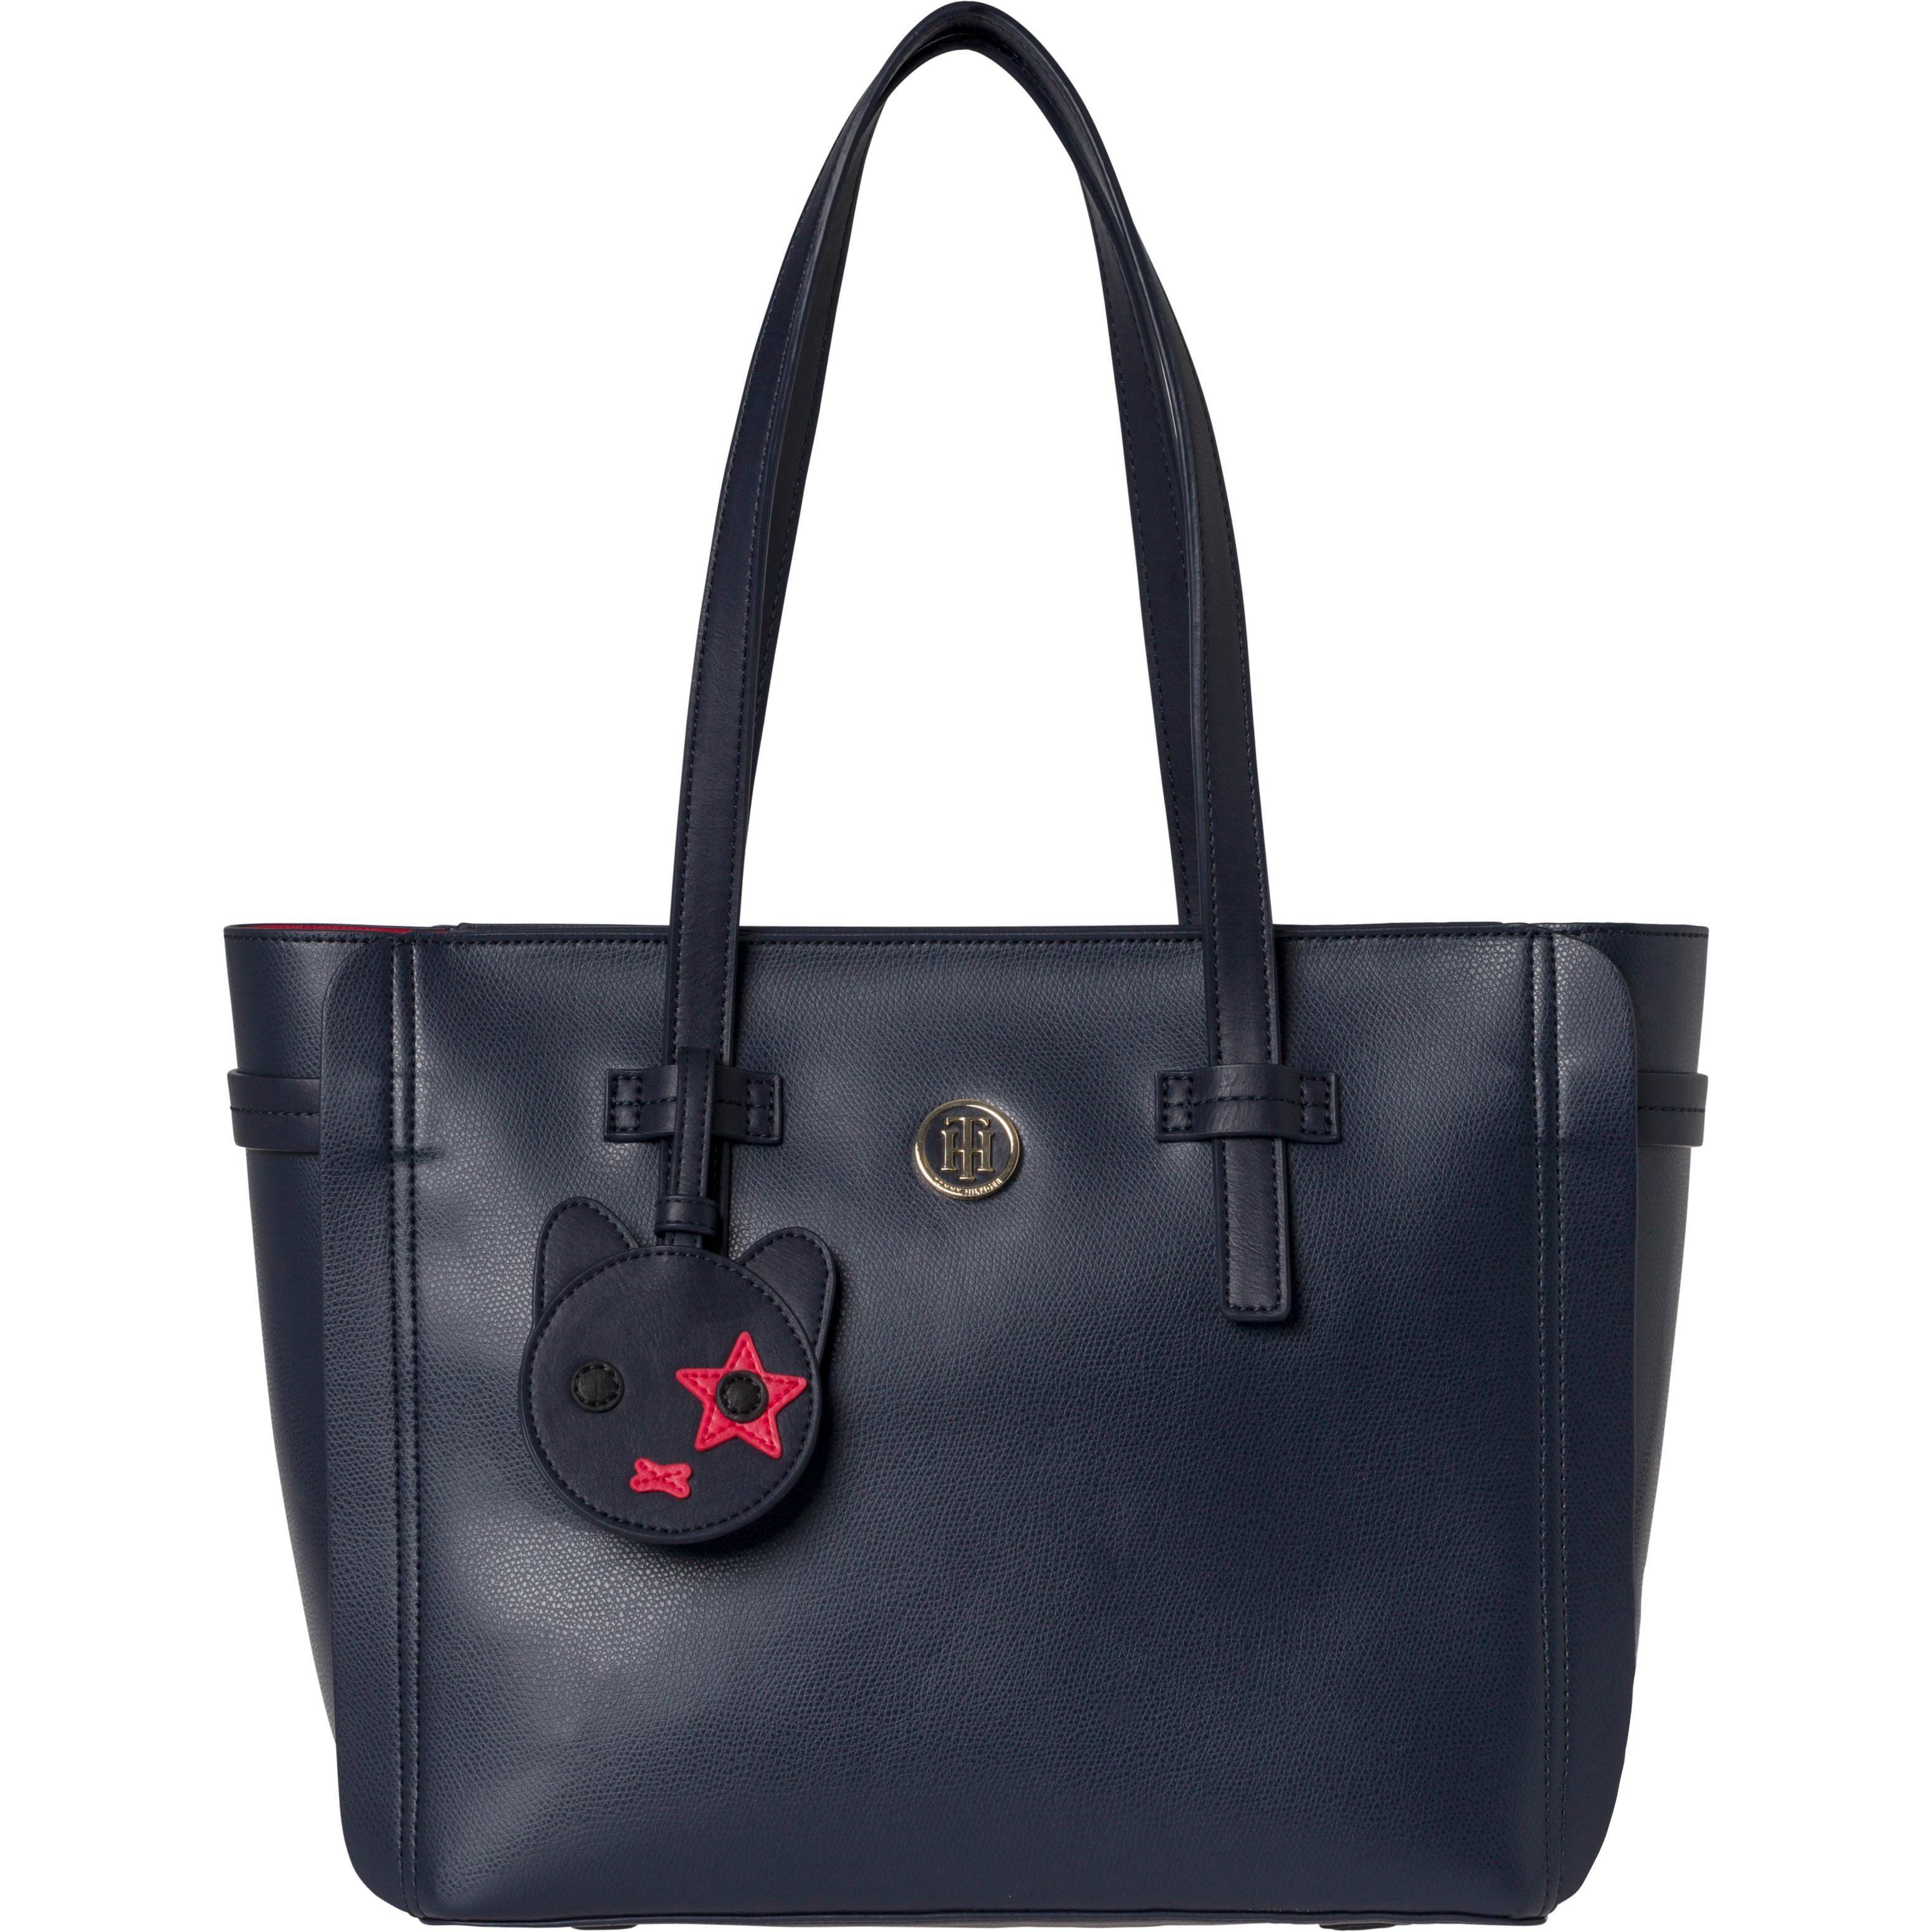 Tommy Hilfiger Handtaschen »TH MASCOT TOTE«